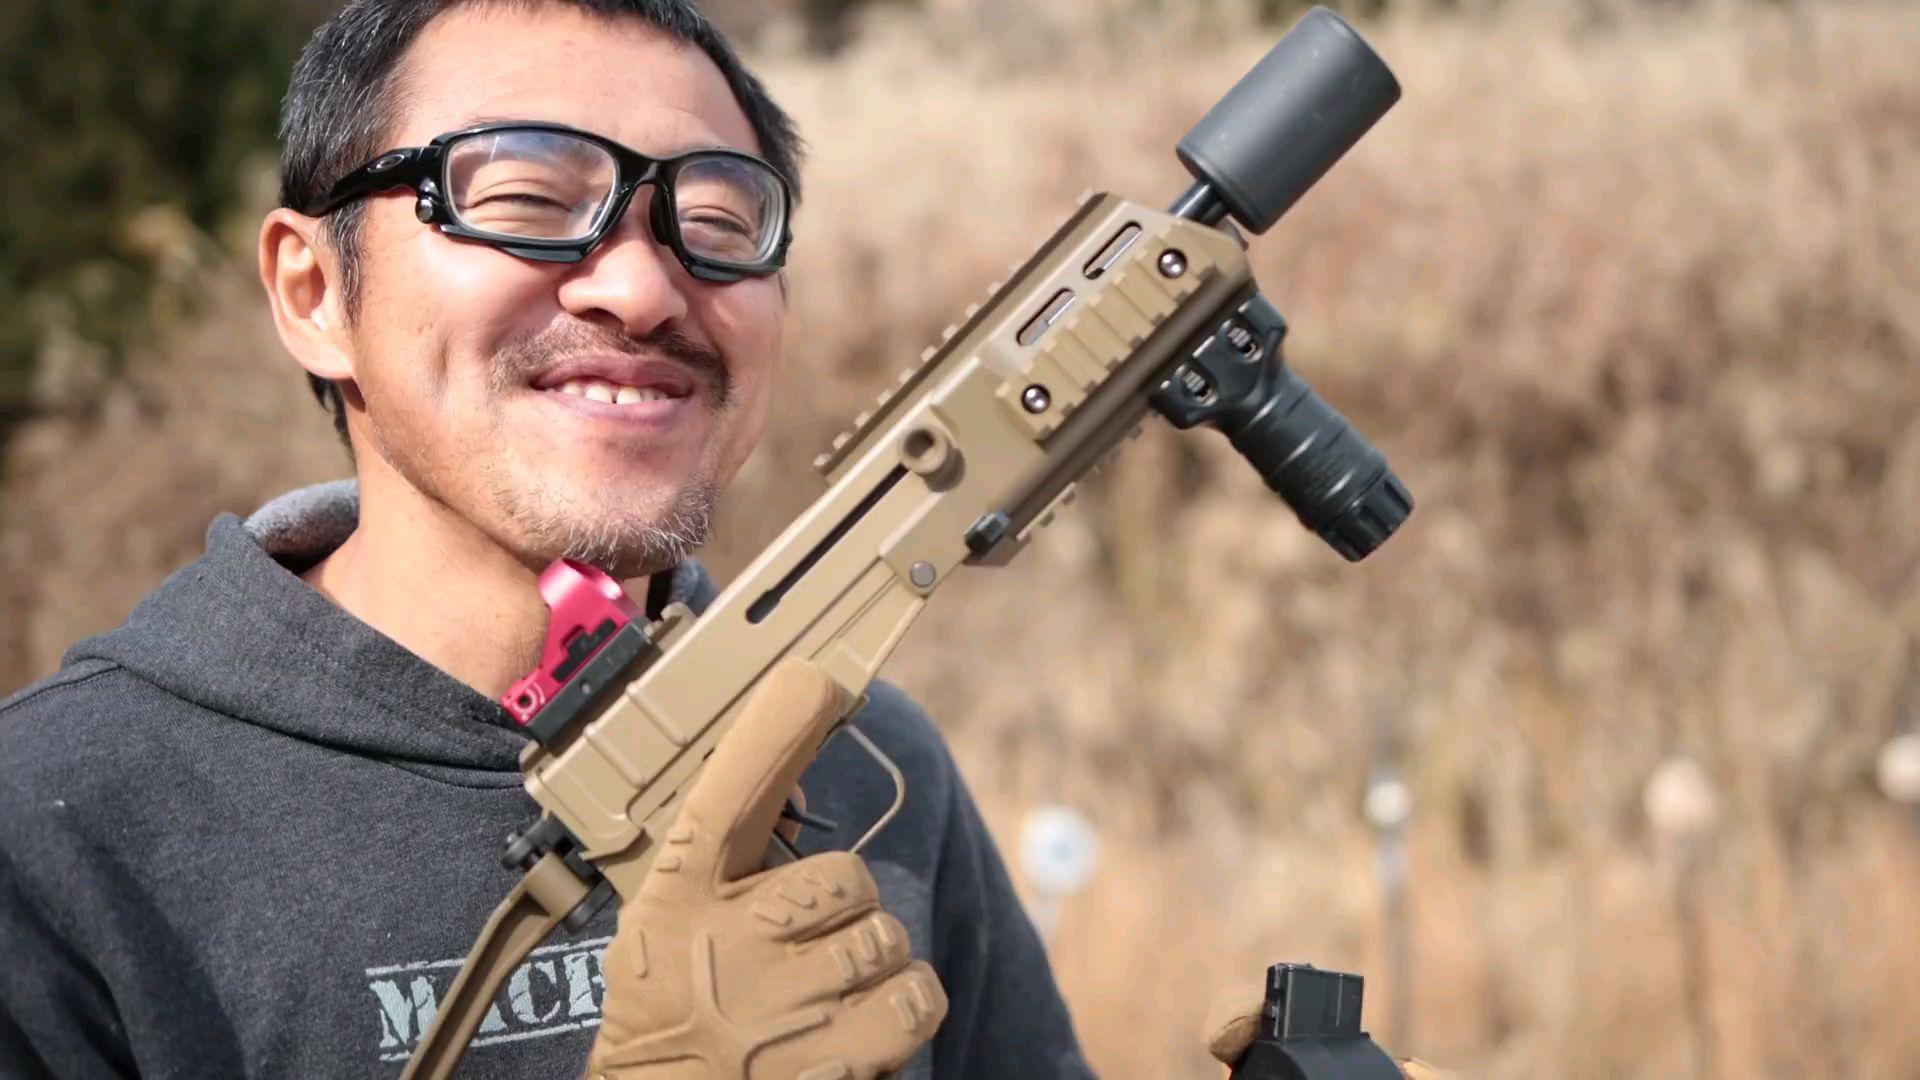 [日本壕界大叔]大叔测评东京丸井 毒蝎Mod-D airsoft玩具